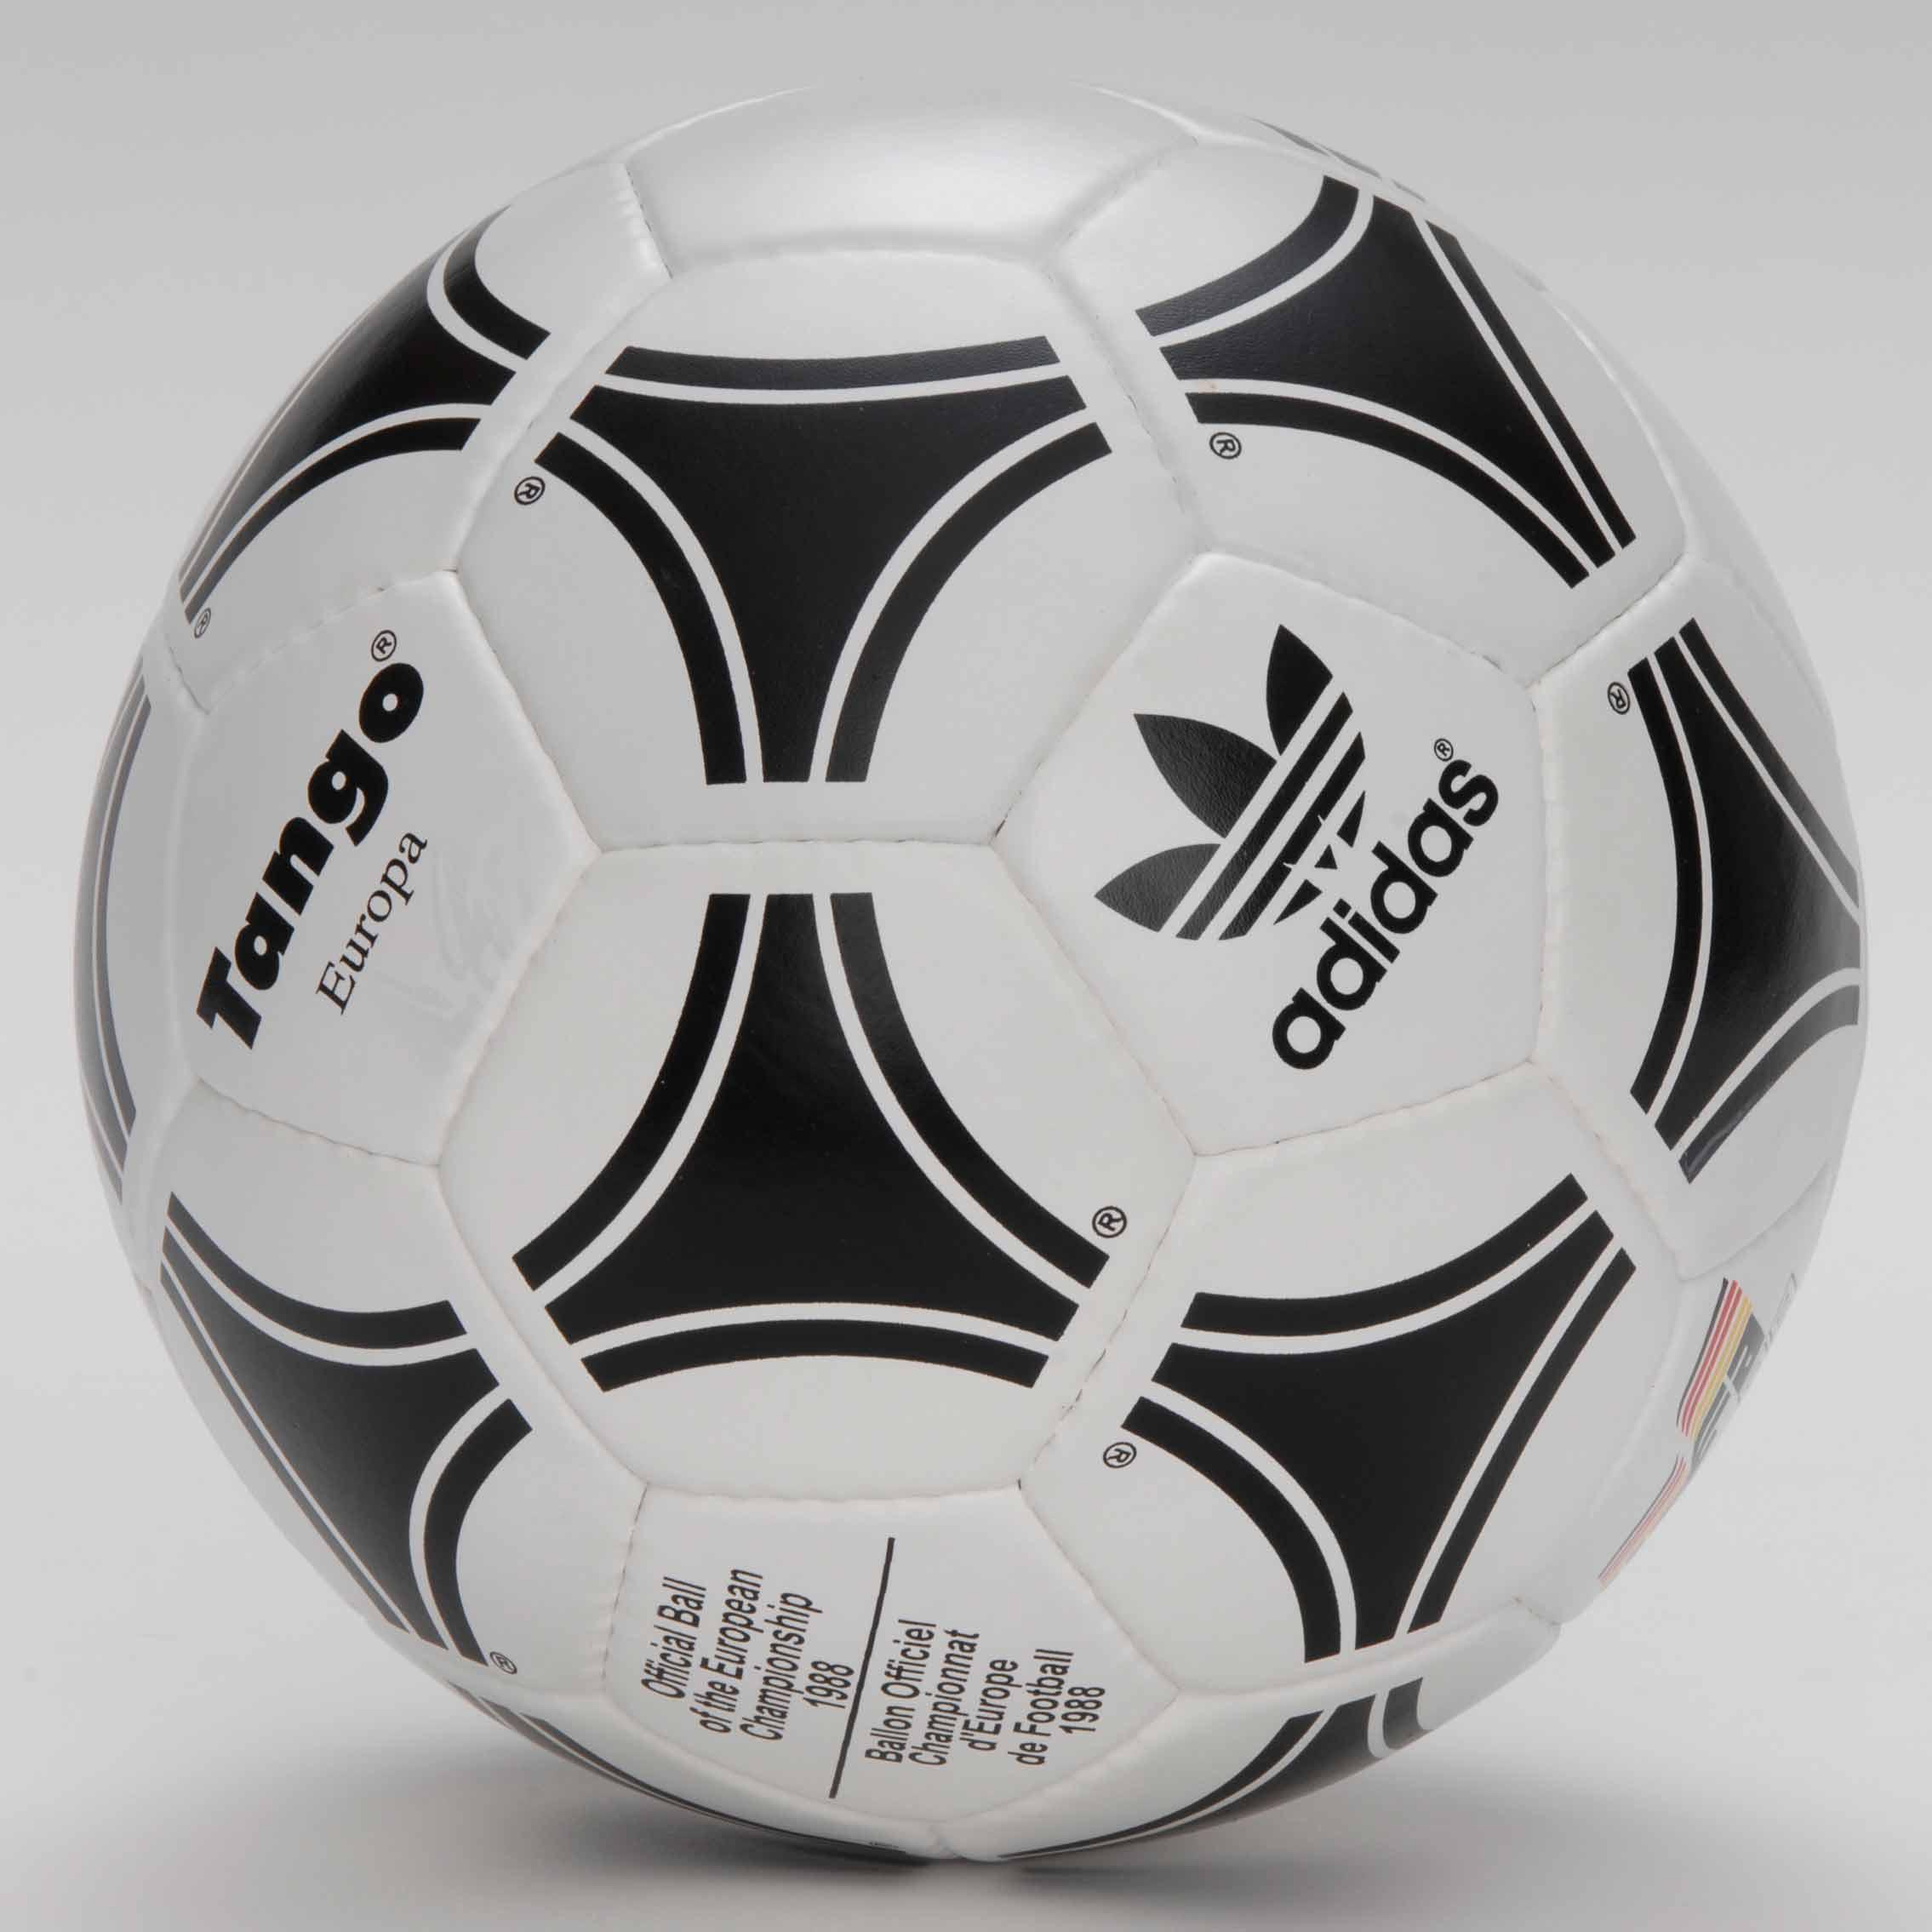 Официальным мячом финала Кубка УЕФА 1989 был Tango Europa